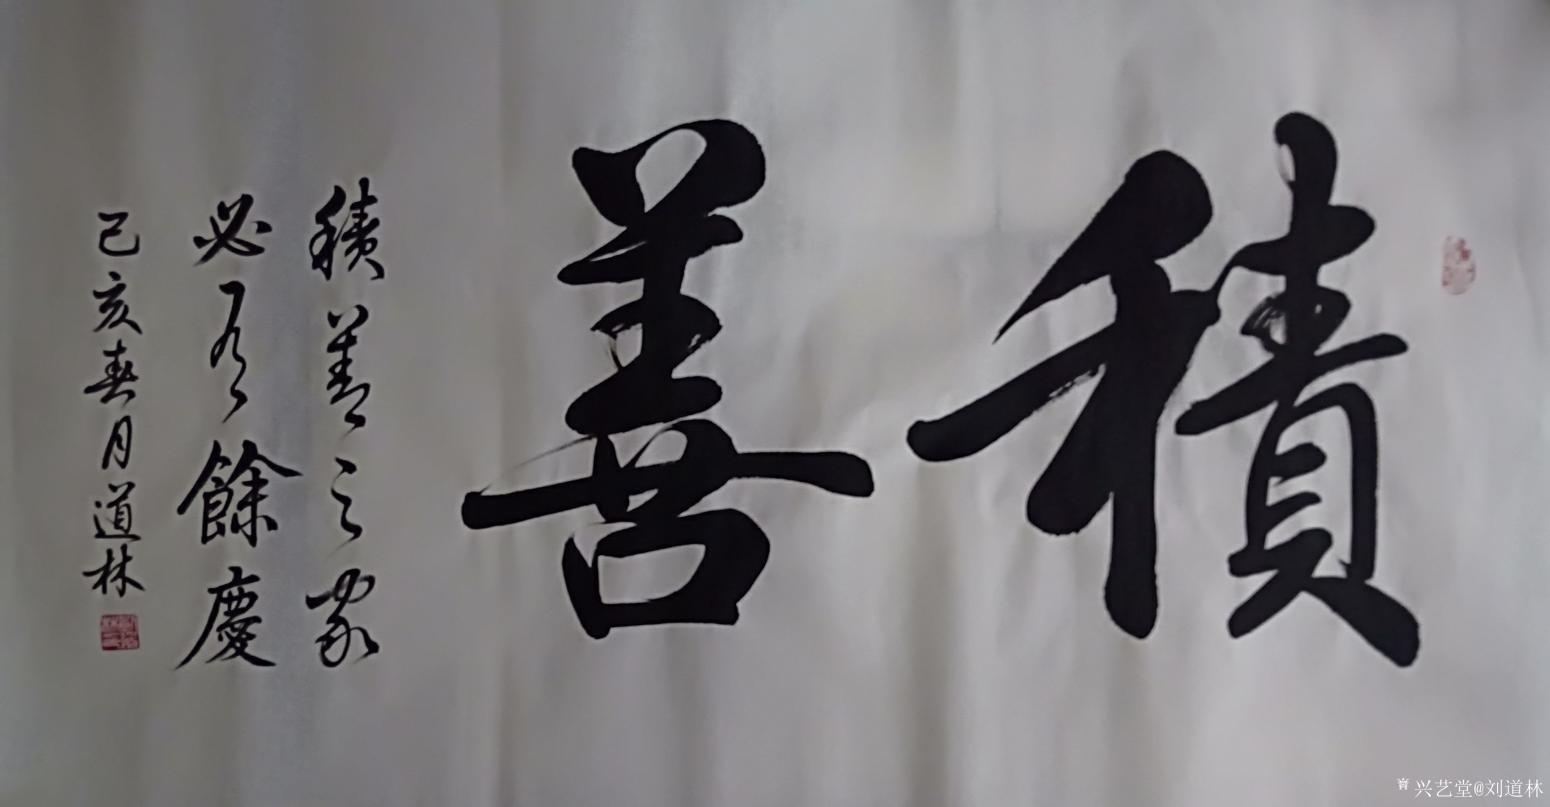 刘道林书法作品《积善》【图0】